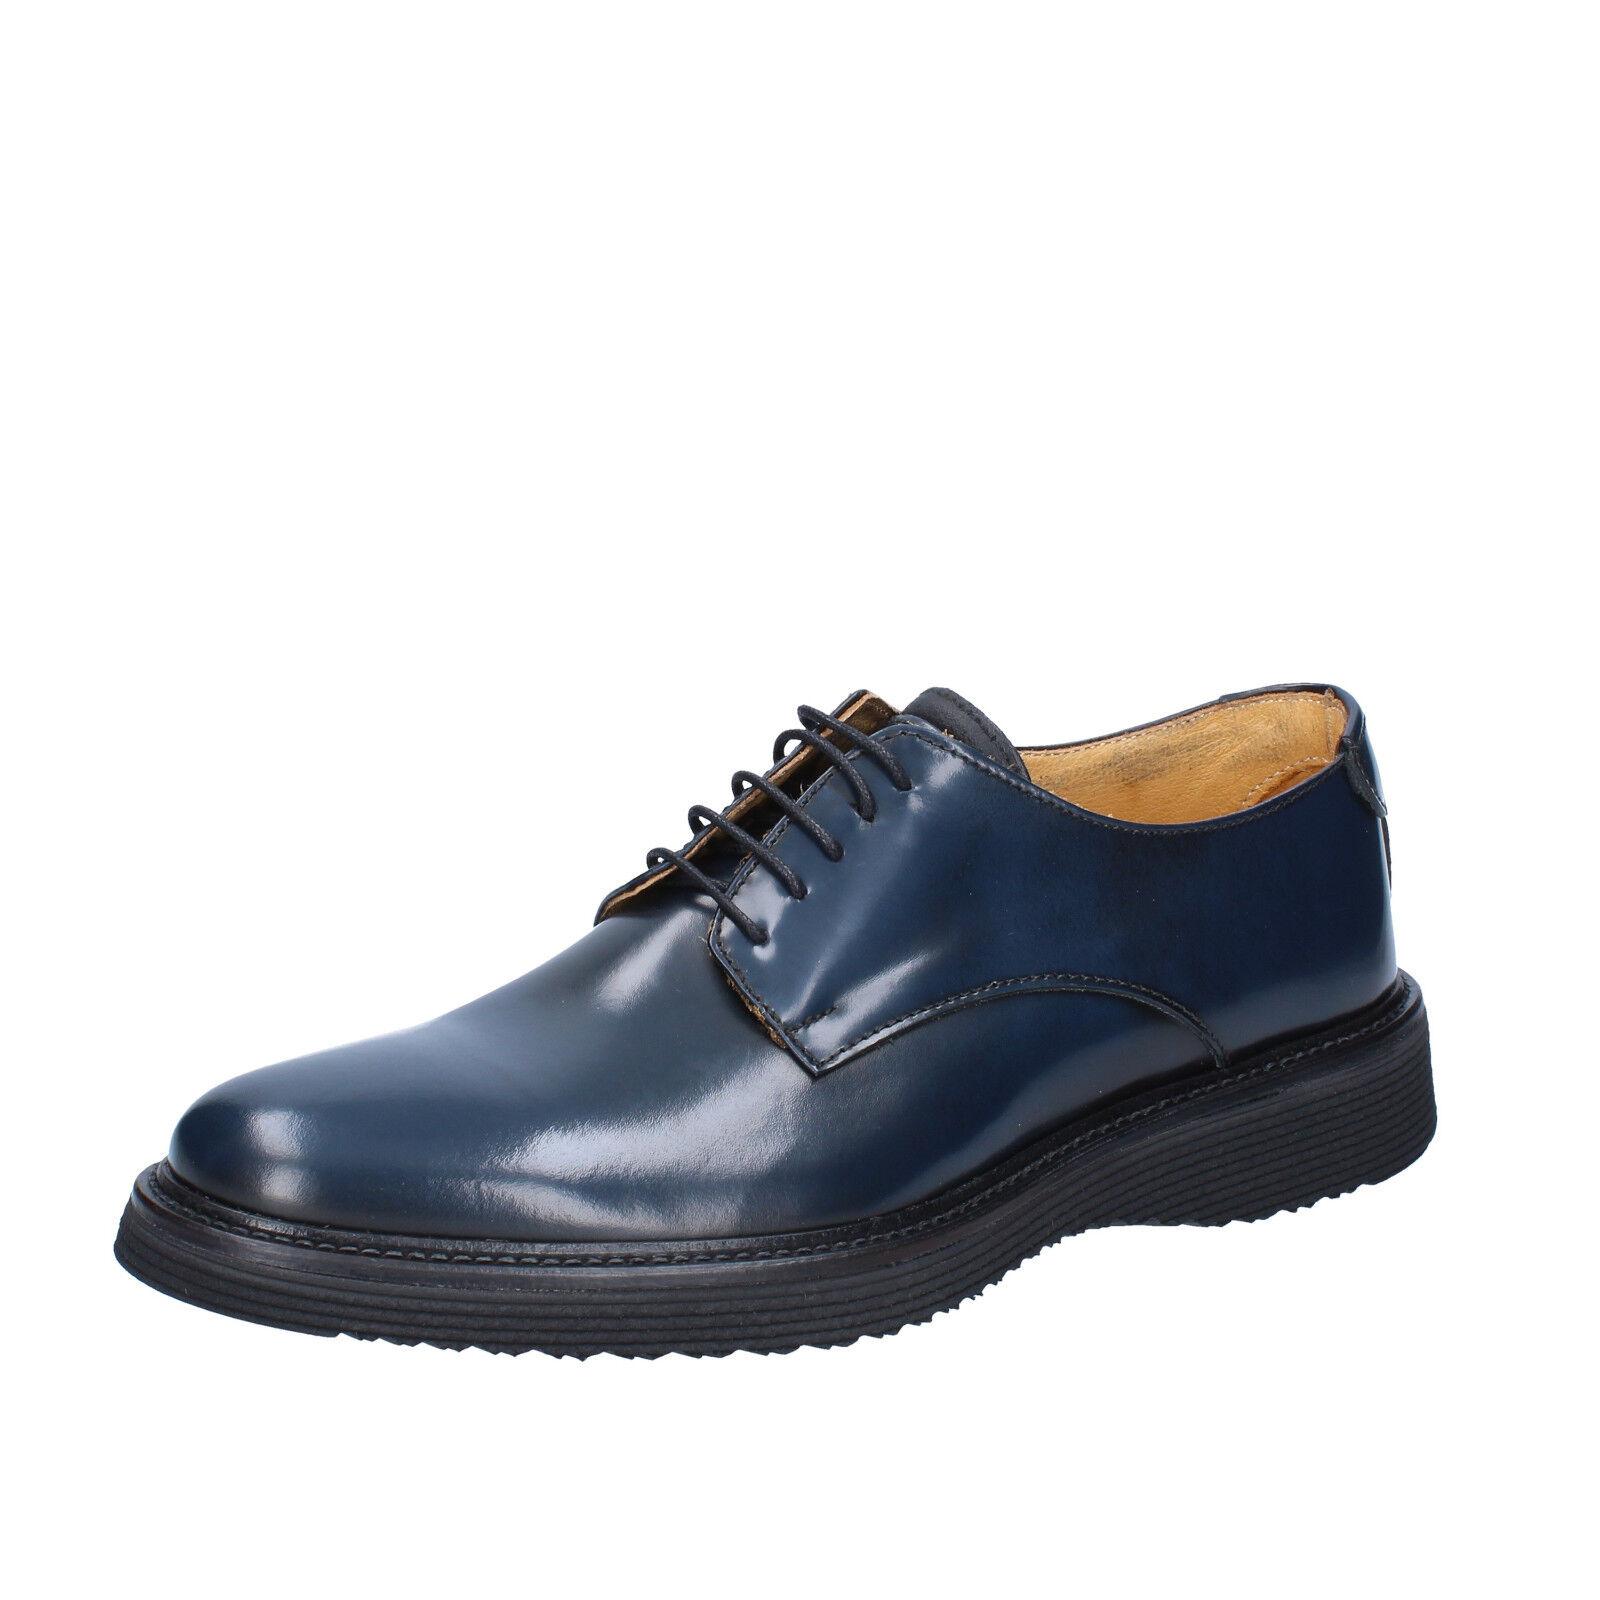 Herren schuhe SALVO BARONE 43 EU elegante Blau Leder BZ146-E